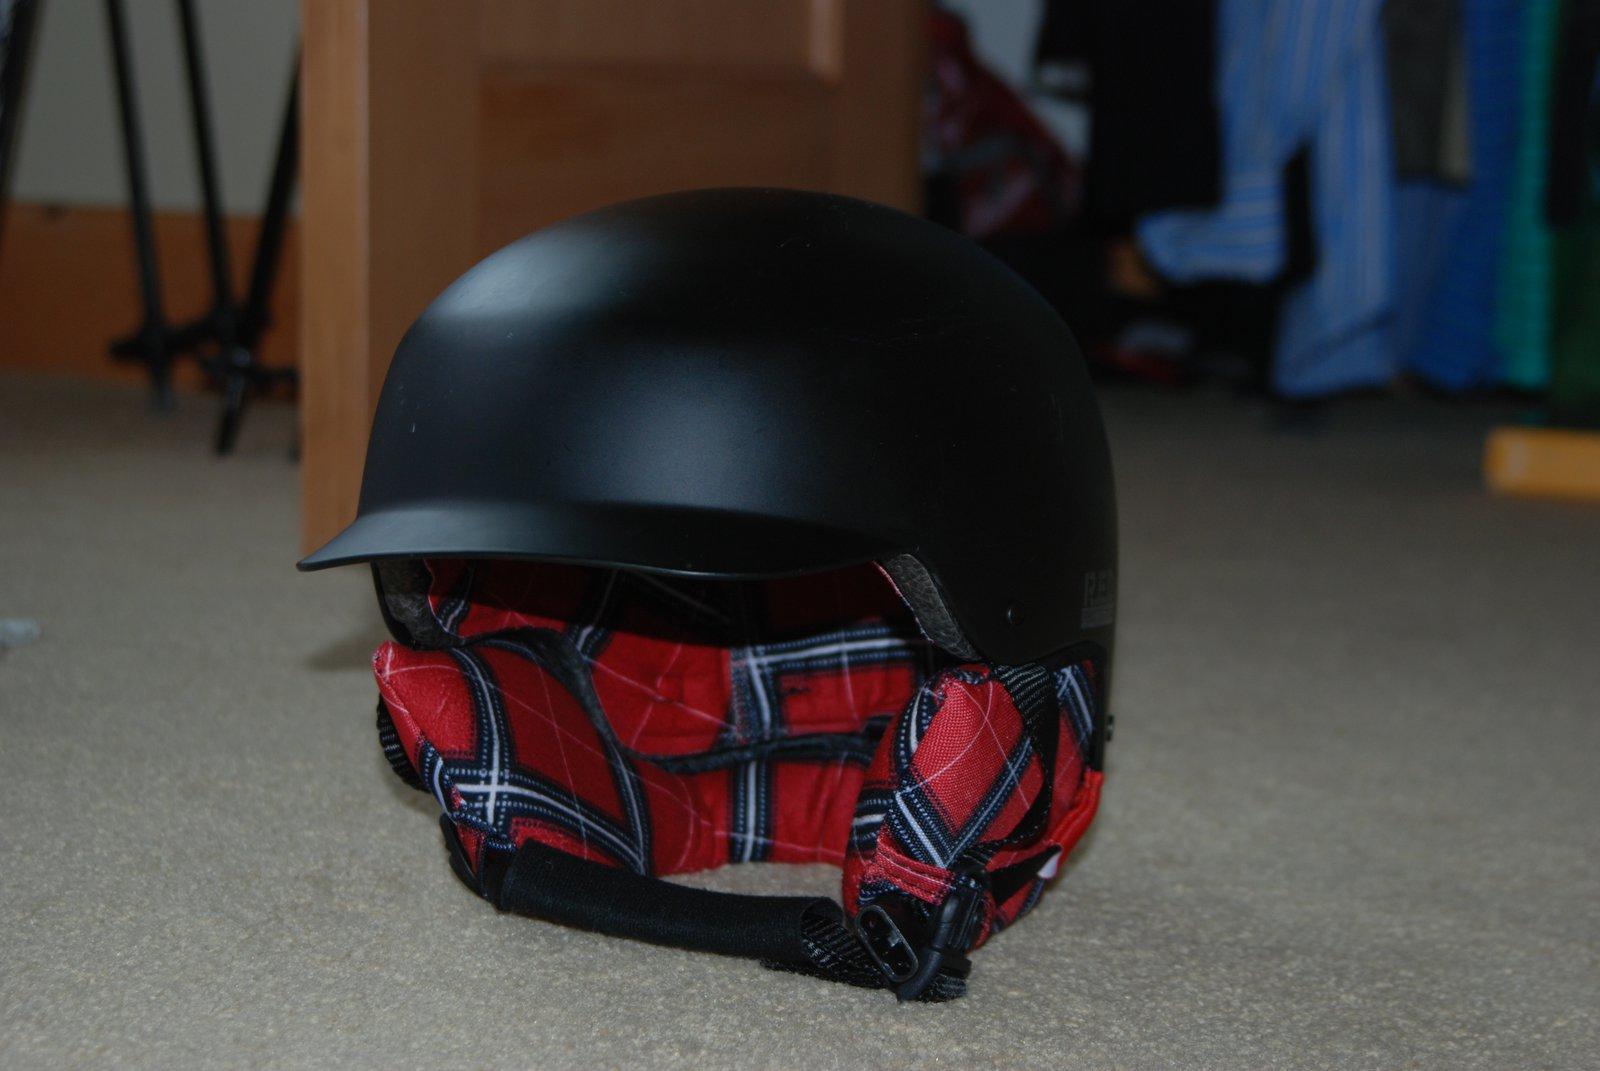 R.E.D. Helmet